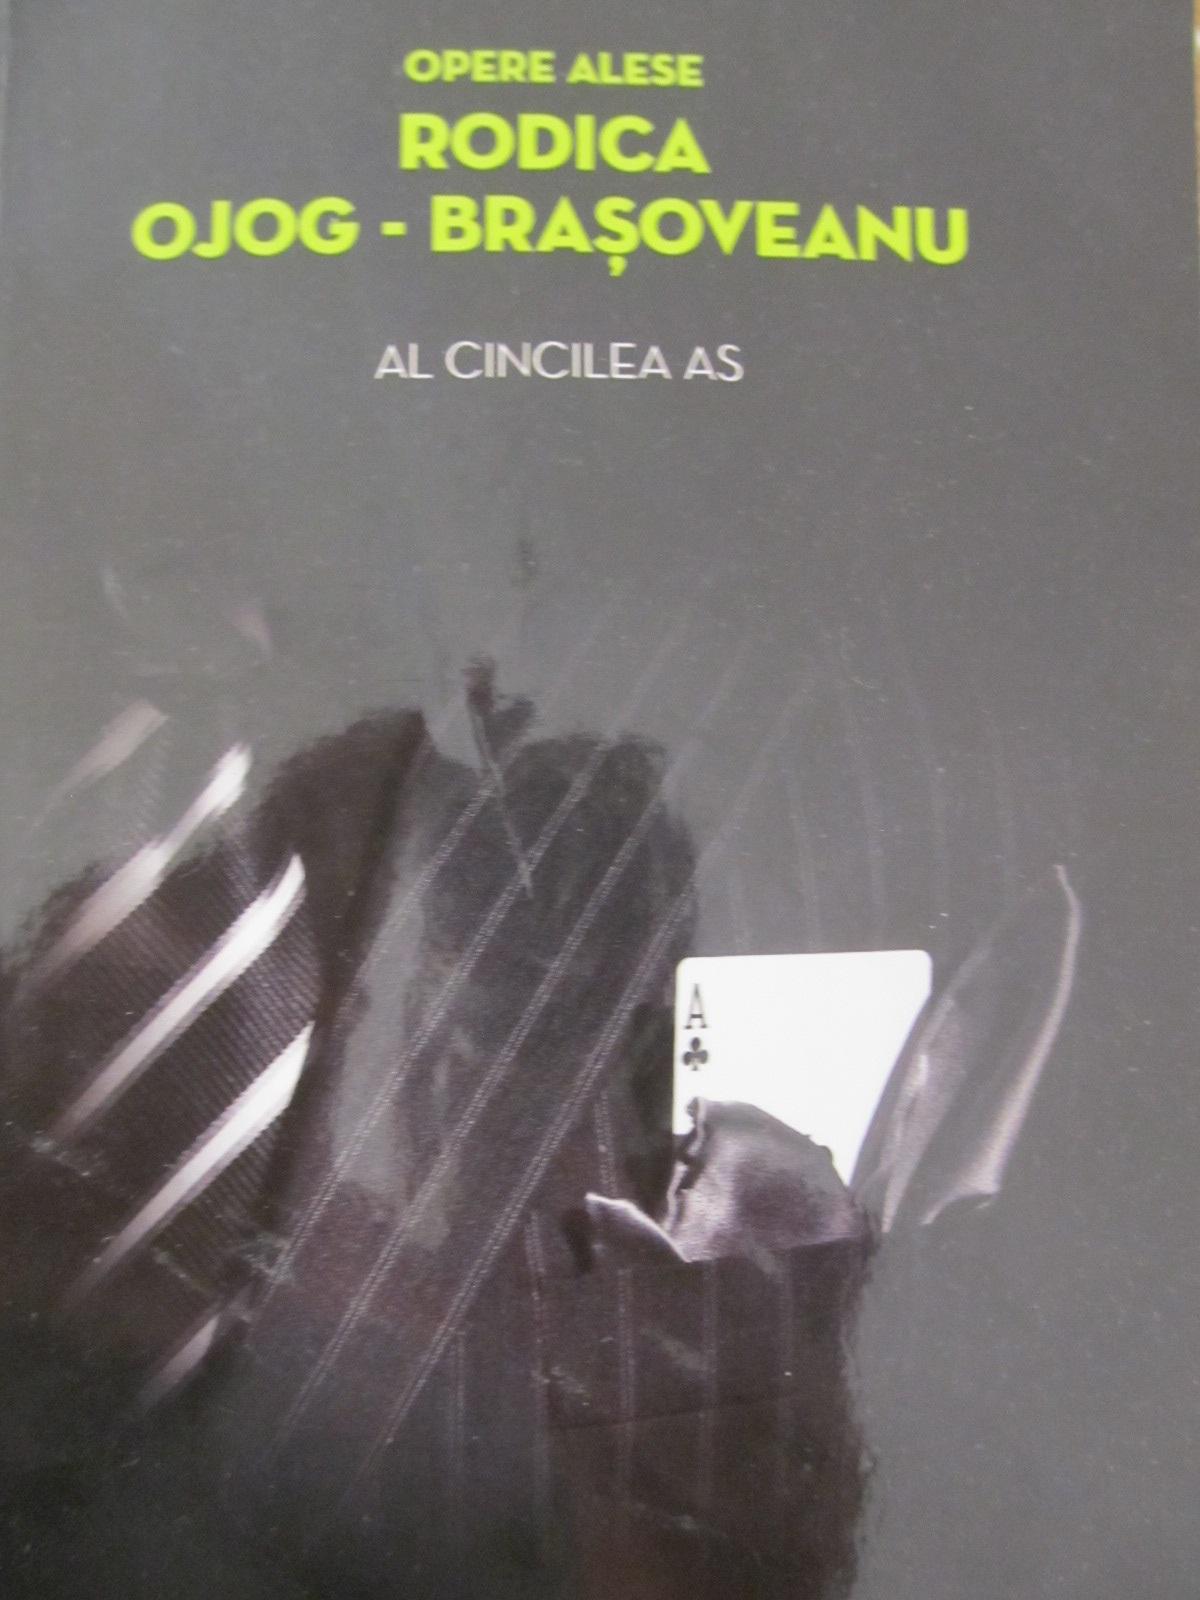 Al cincilea as - Rodica Ojog Brasoveanu | Detalii carte